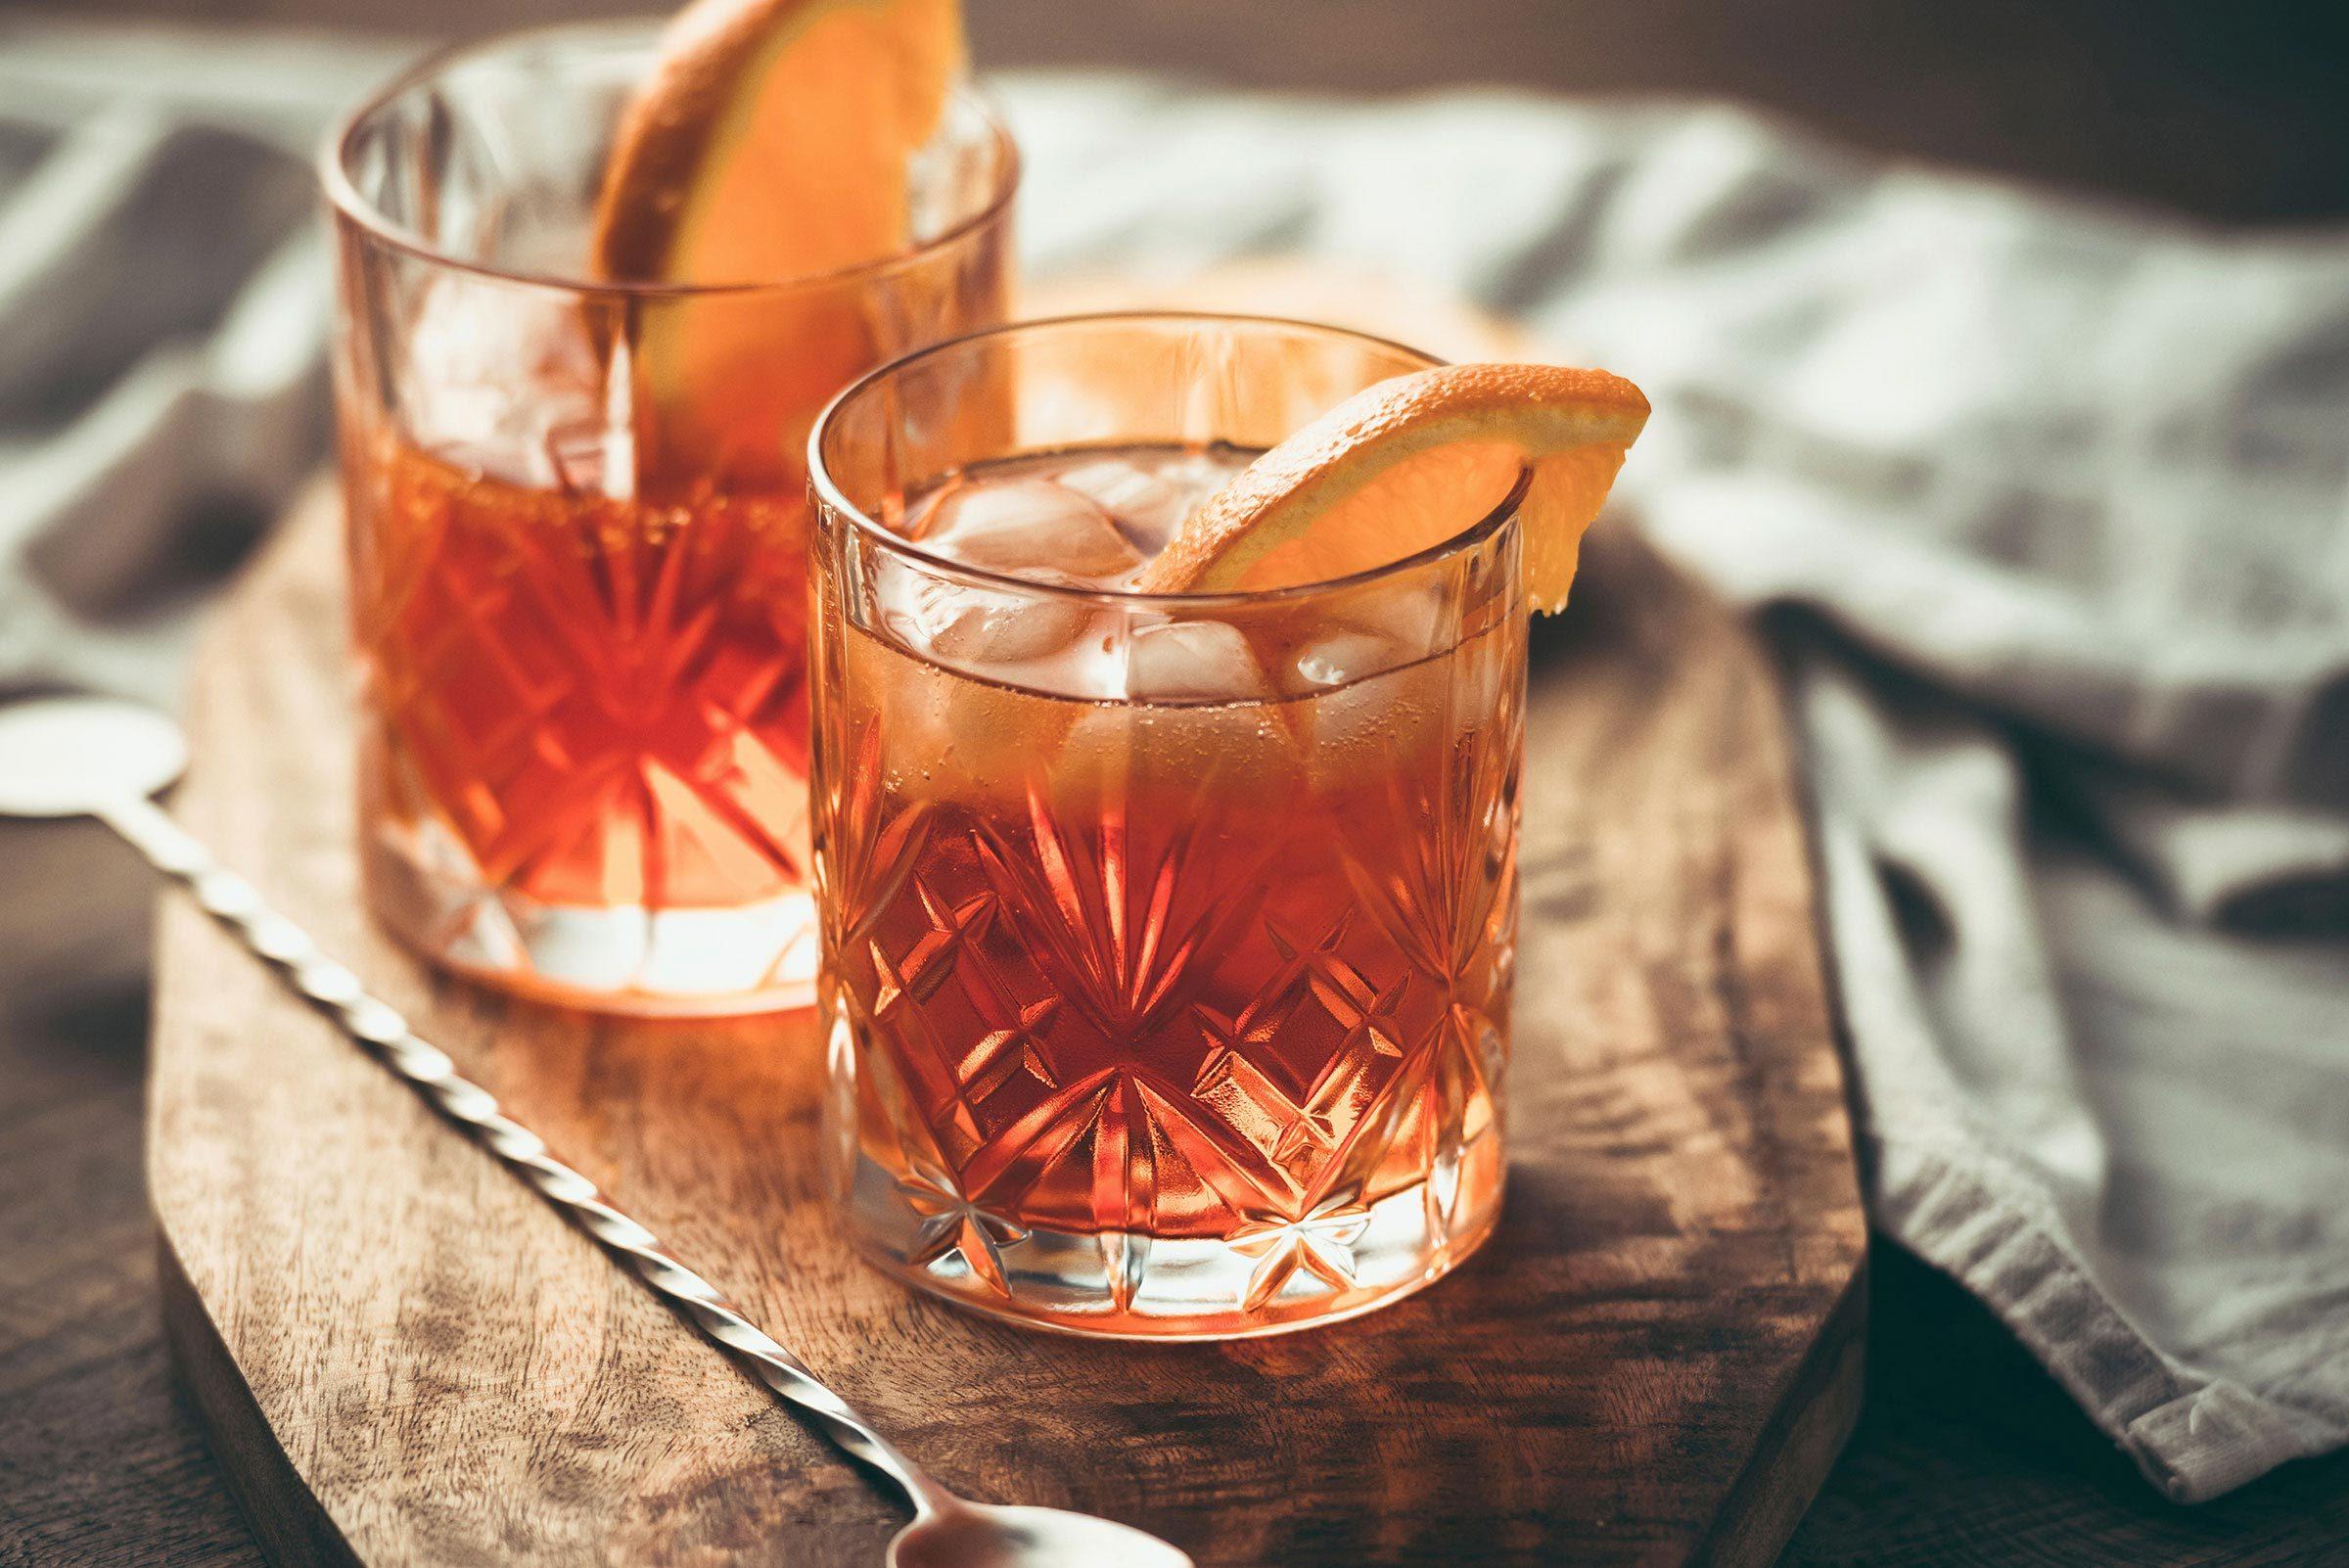 Cause de dysfonction érectile : l'alcool et les drogues douces.